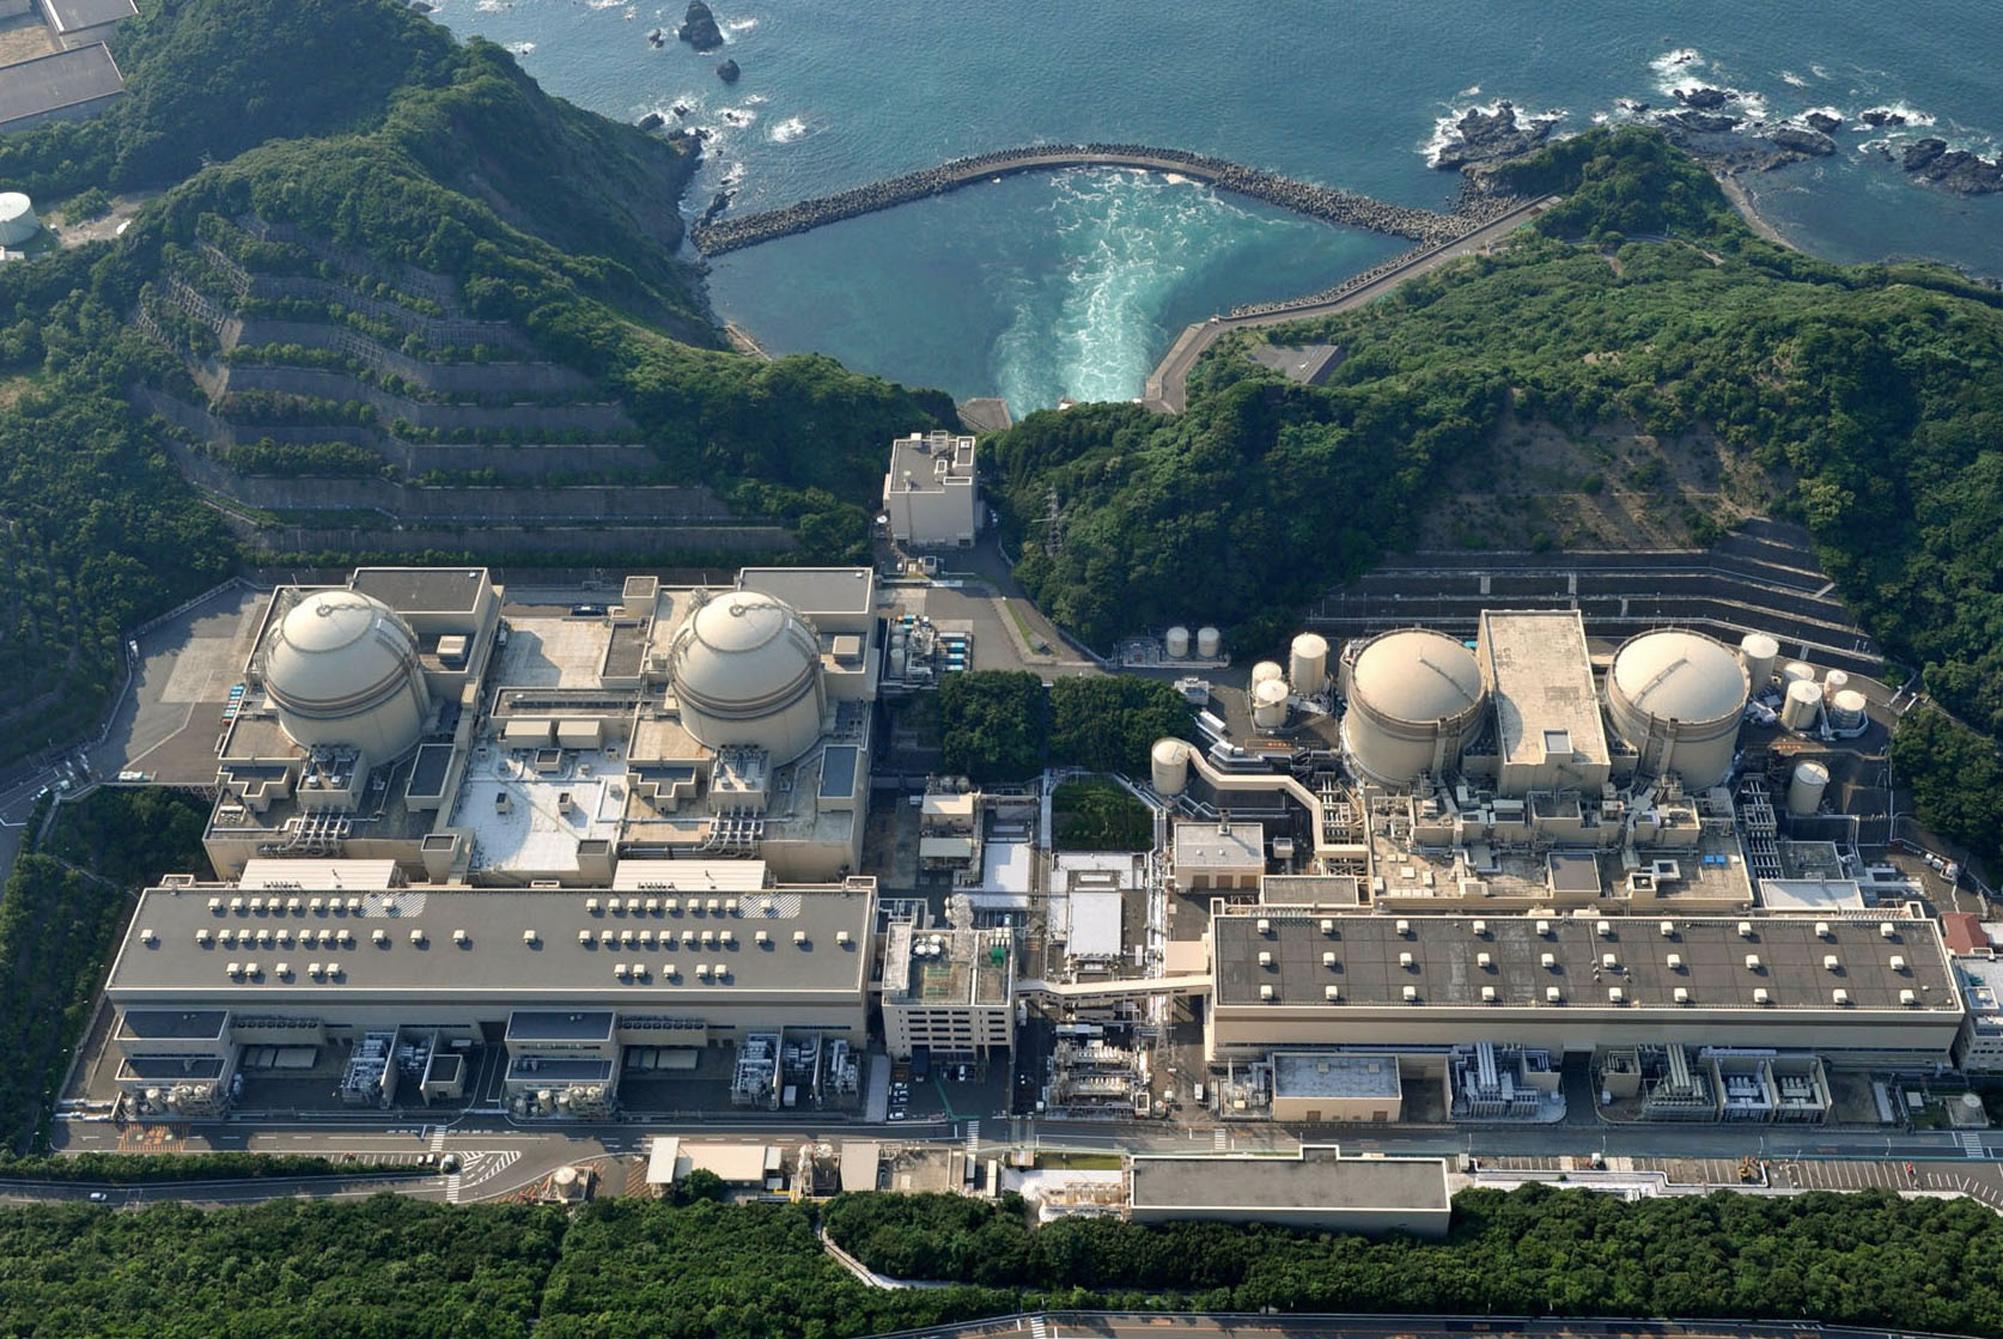 La centrale di Kansai (Ap/Kyodo News)